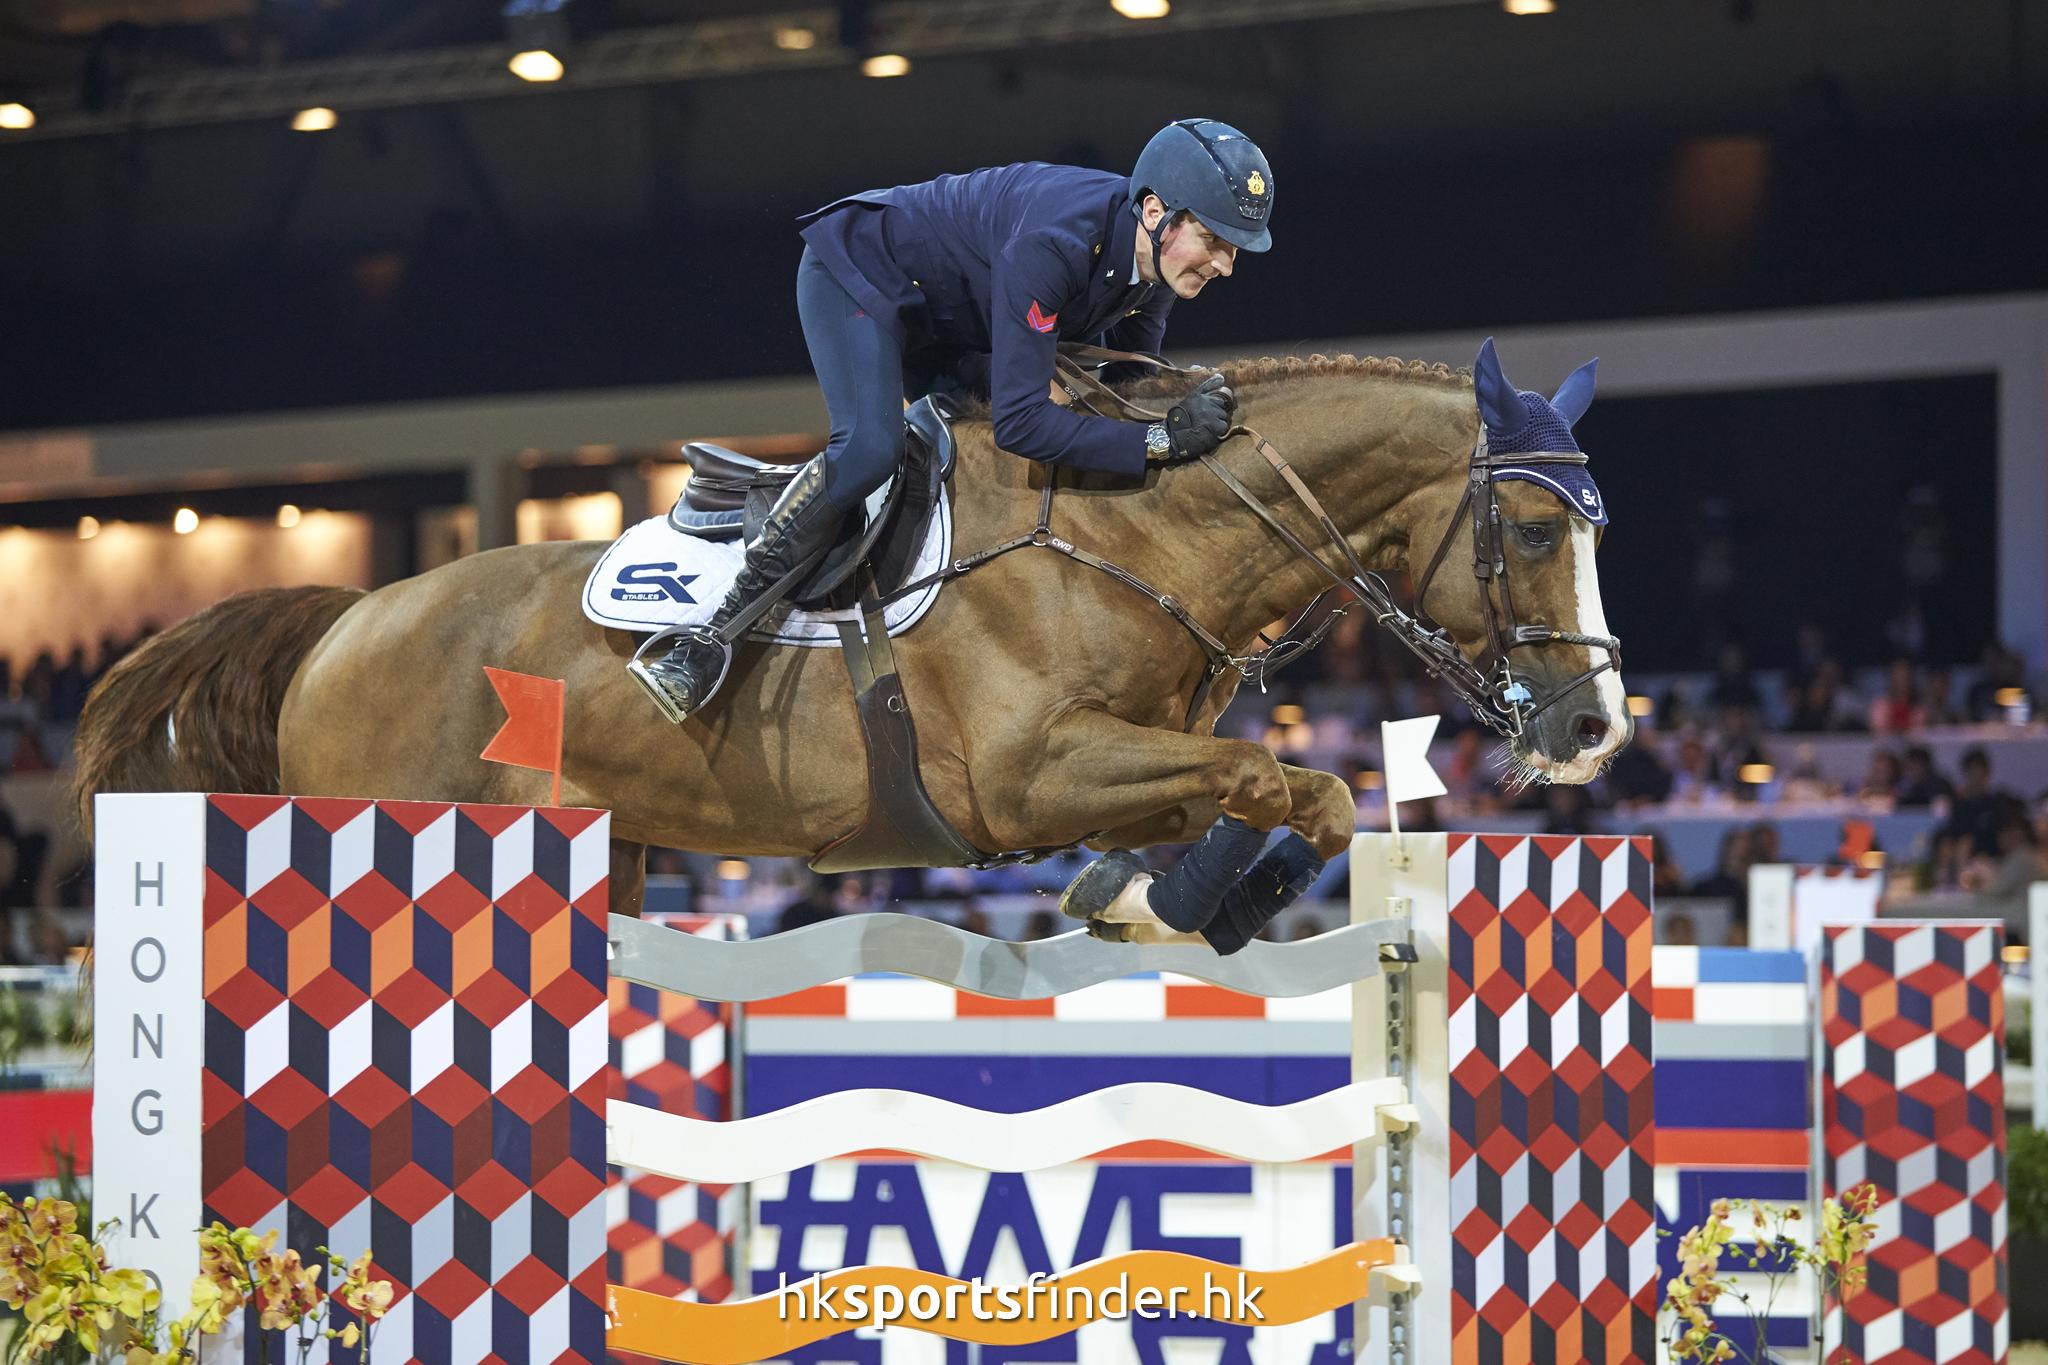 LUK_HORSE_17-02-12-16-05-38_0906.jpg